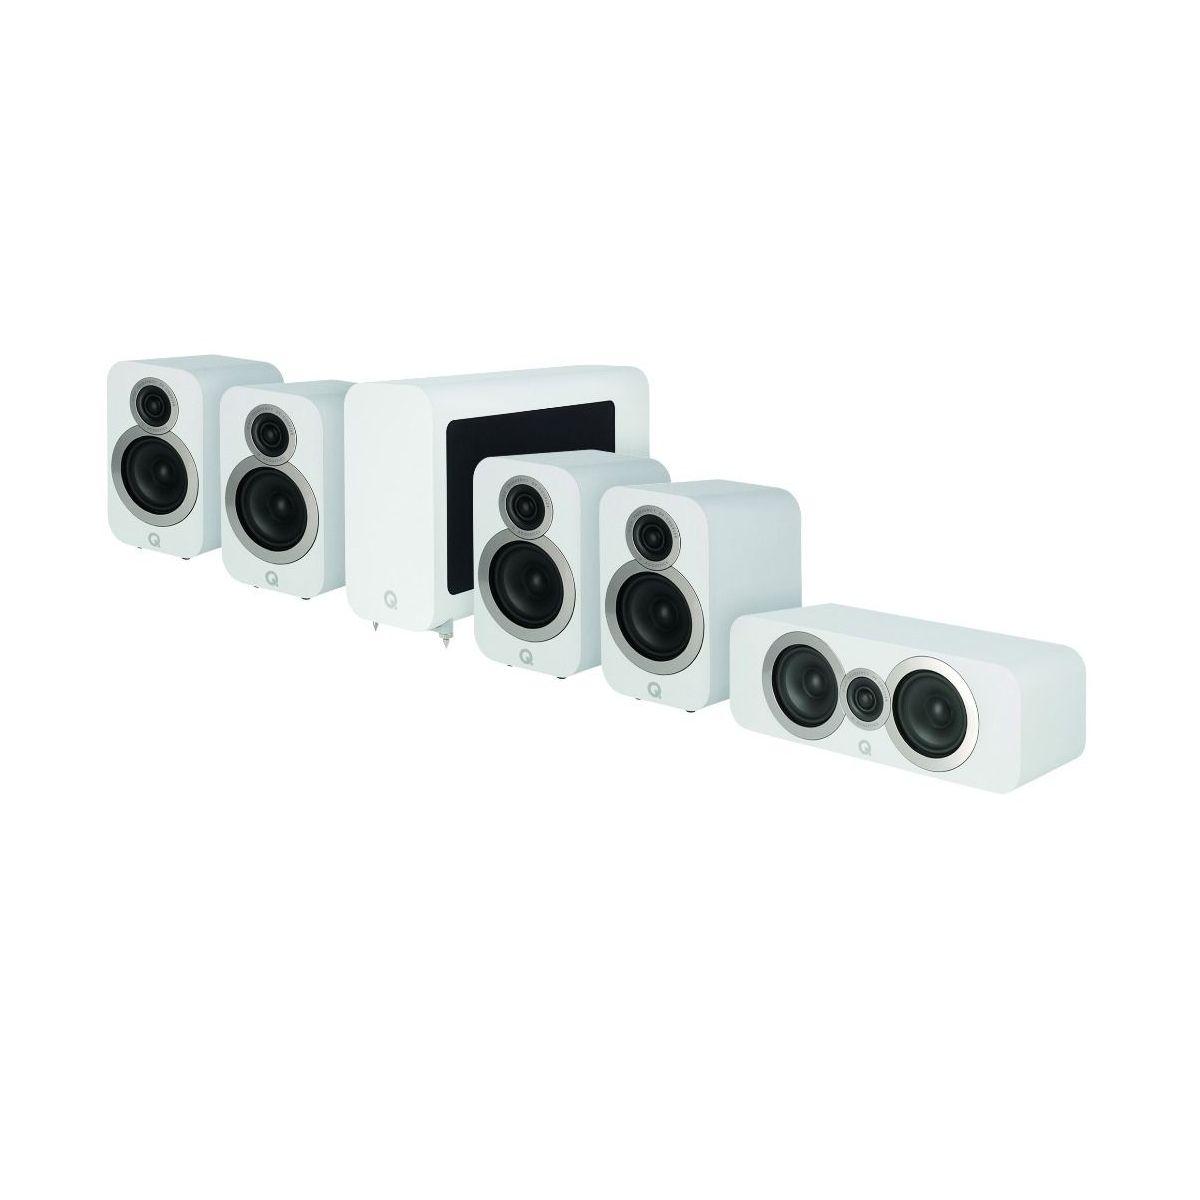 Q Acoustics 3010i series 5.1 Cinema Pack